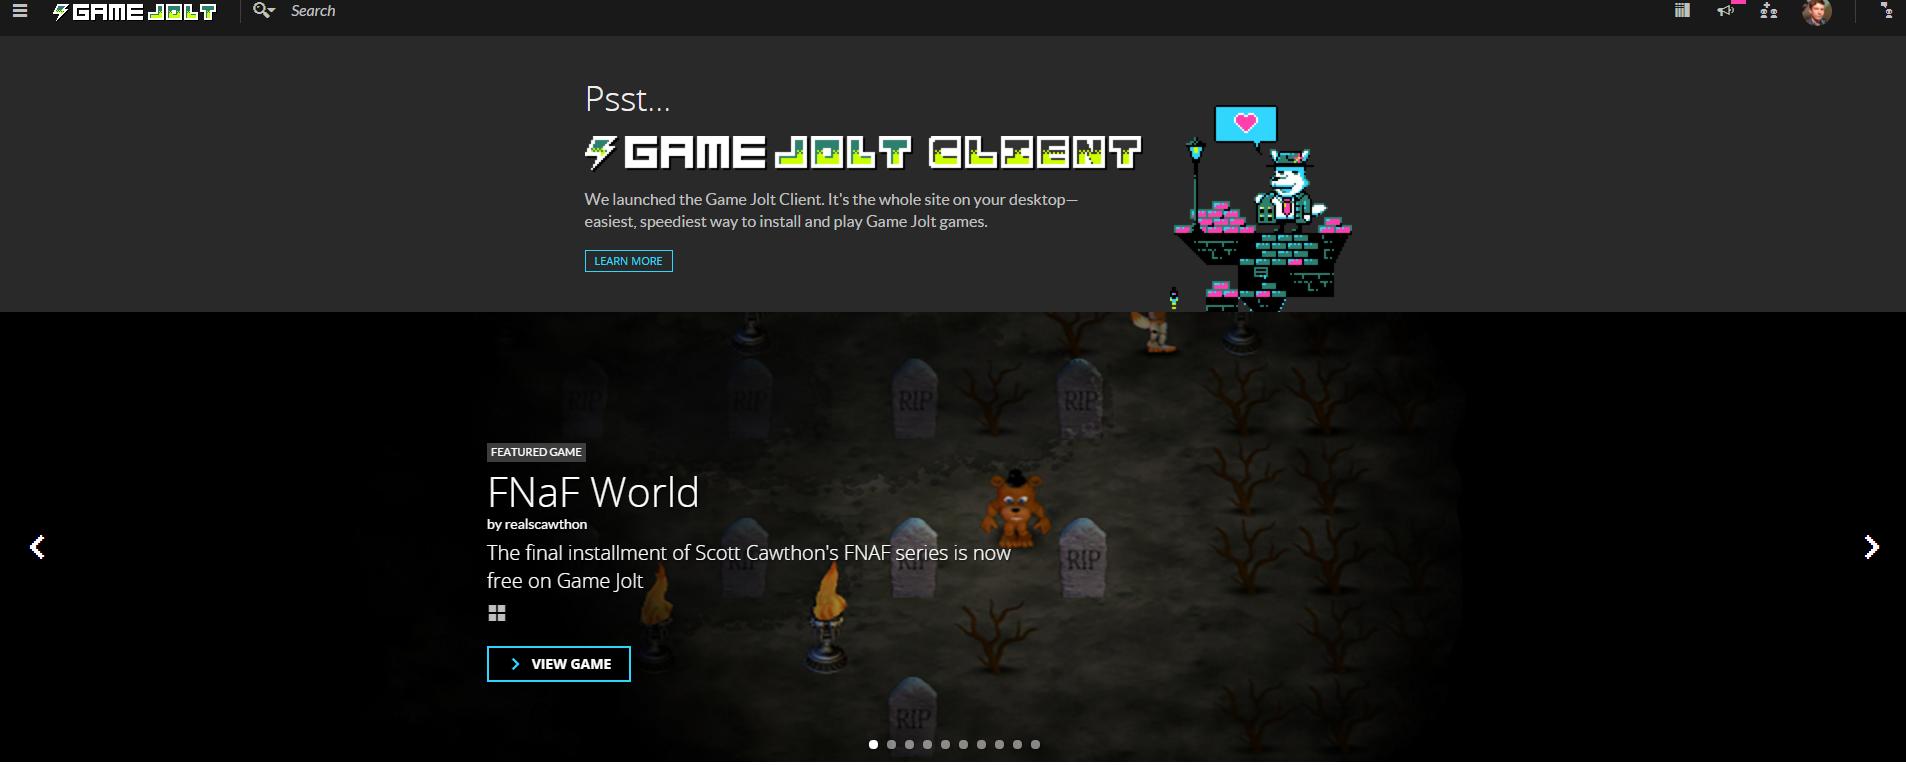 fnaf world is on the frontpage of gamejolt fivenightsatfreddys